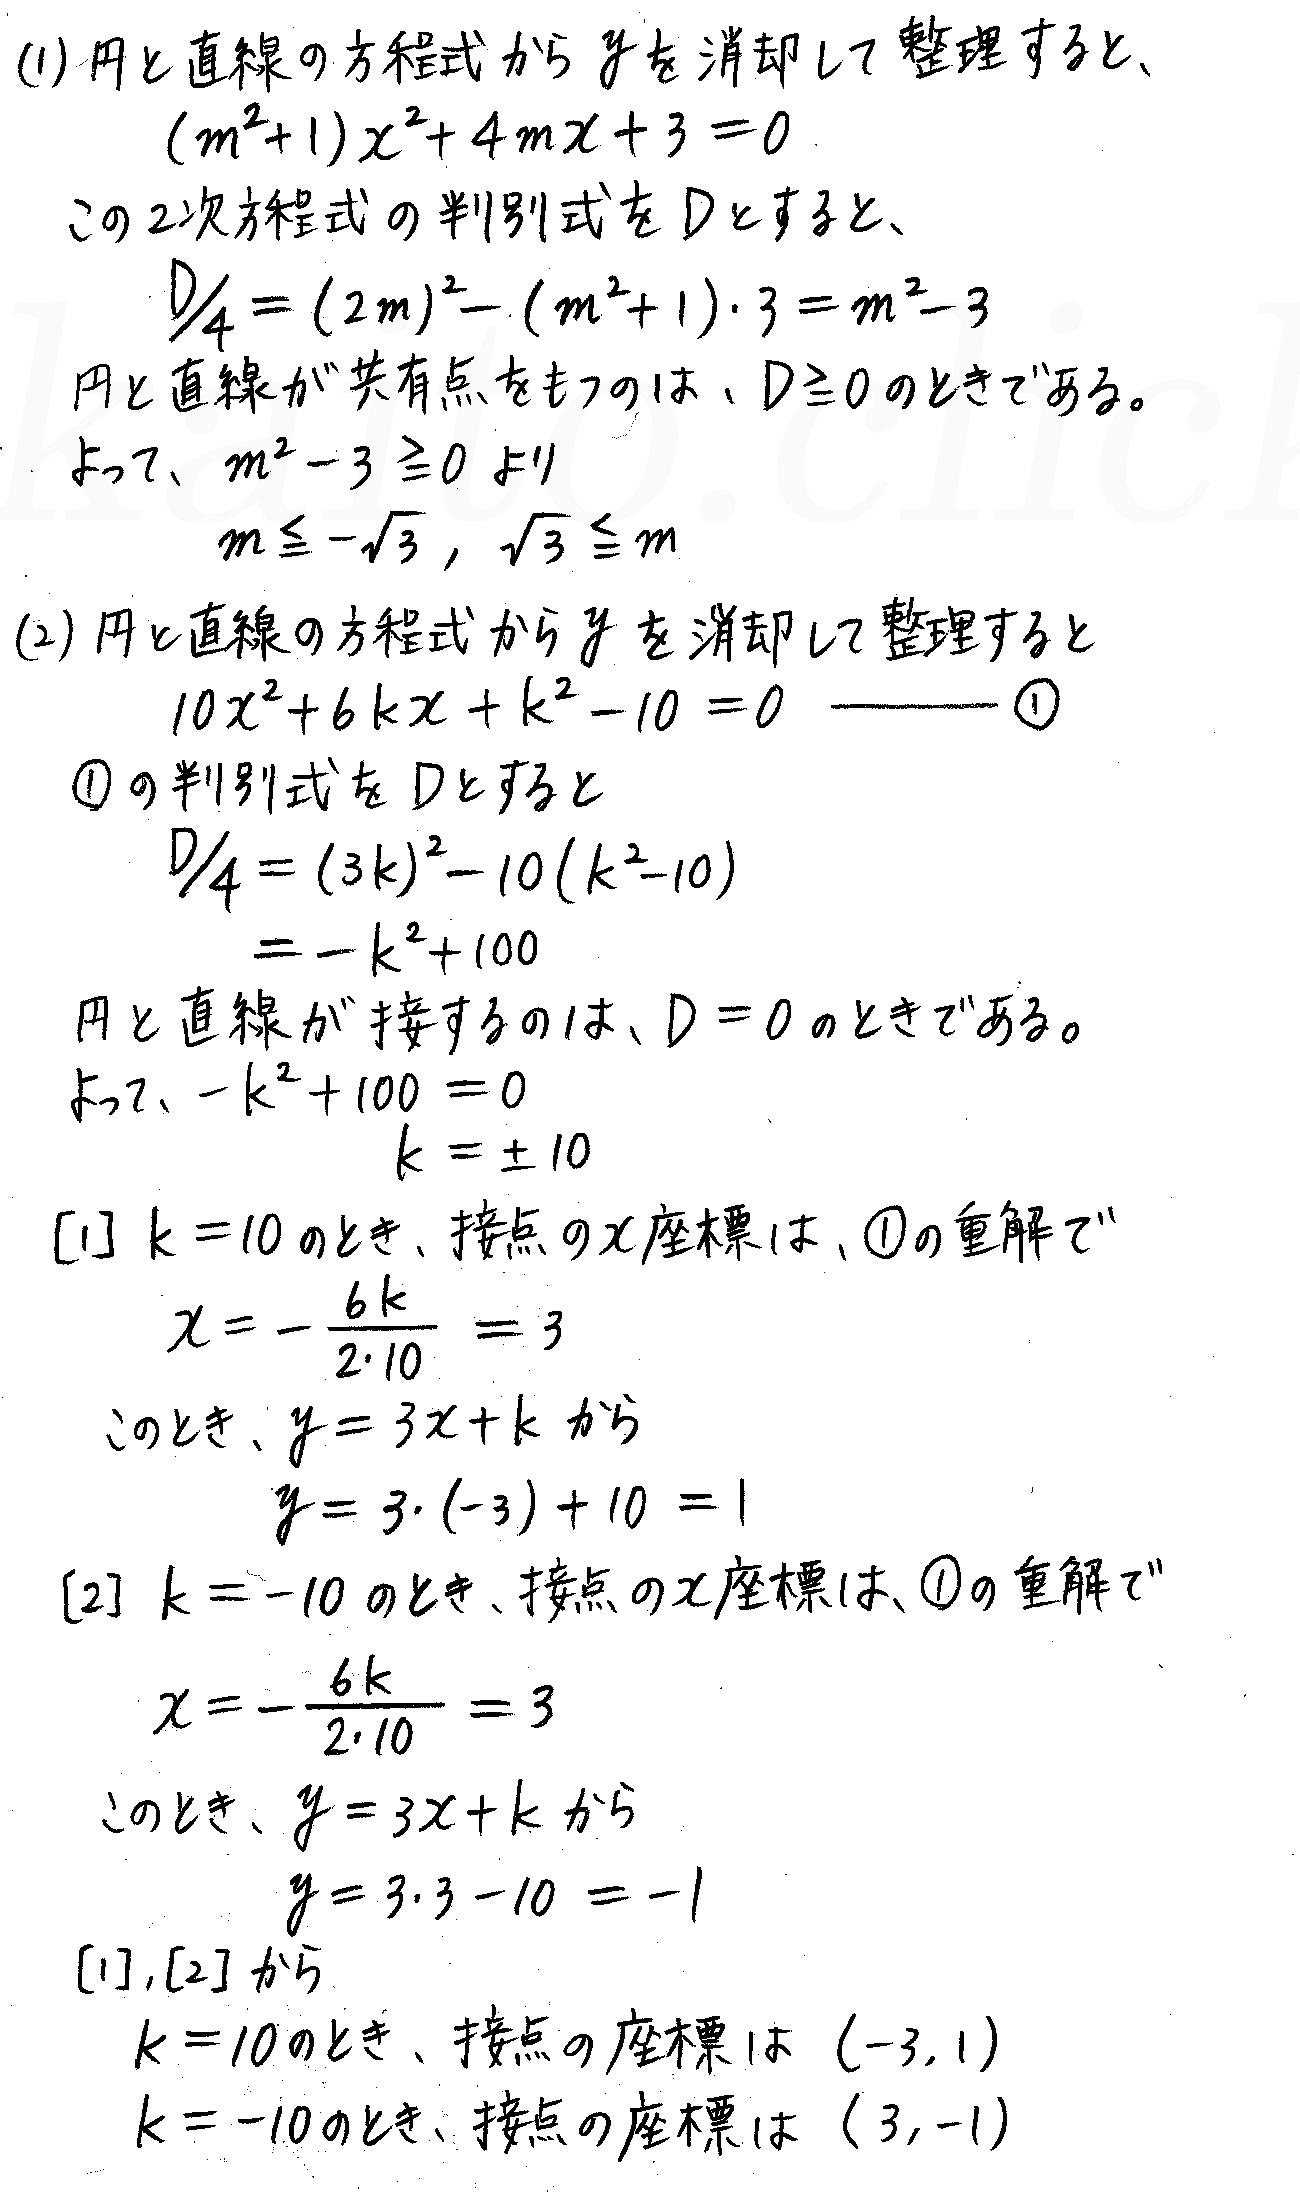 クリアー数学2-191解答